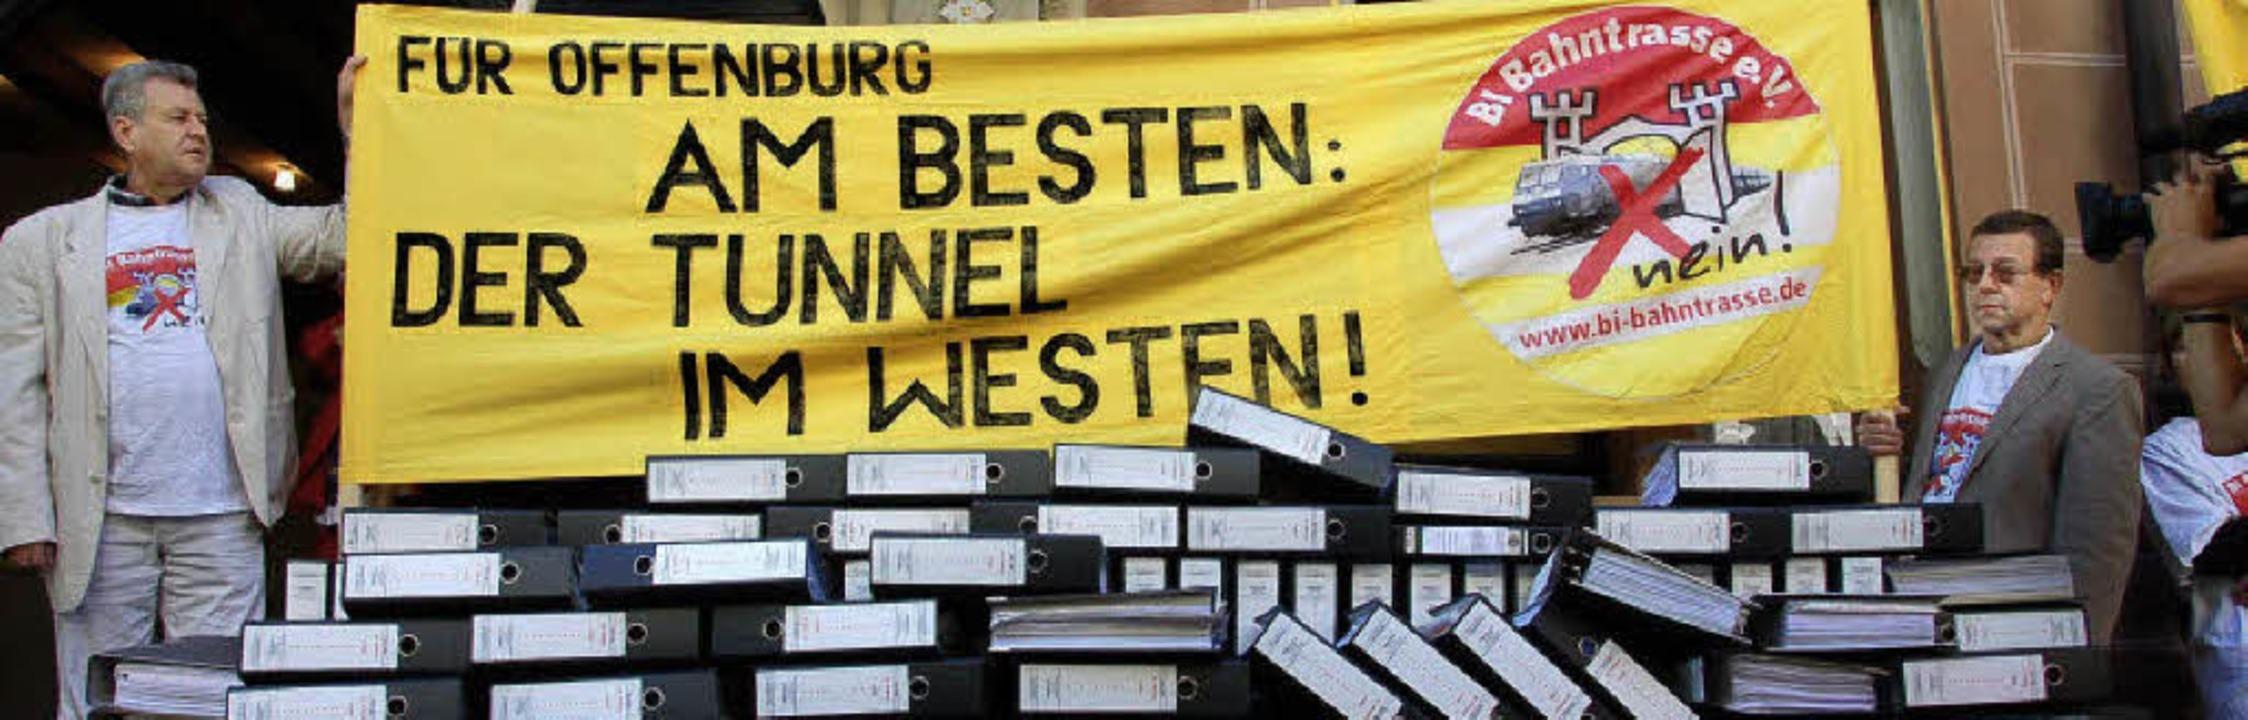 Für Offenburg am besten: ein Tunnel im...– nur nicht unter Wohnbebauung.     Foto: Seller